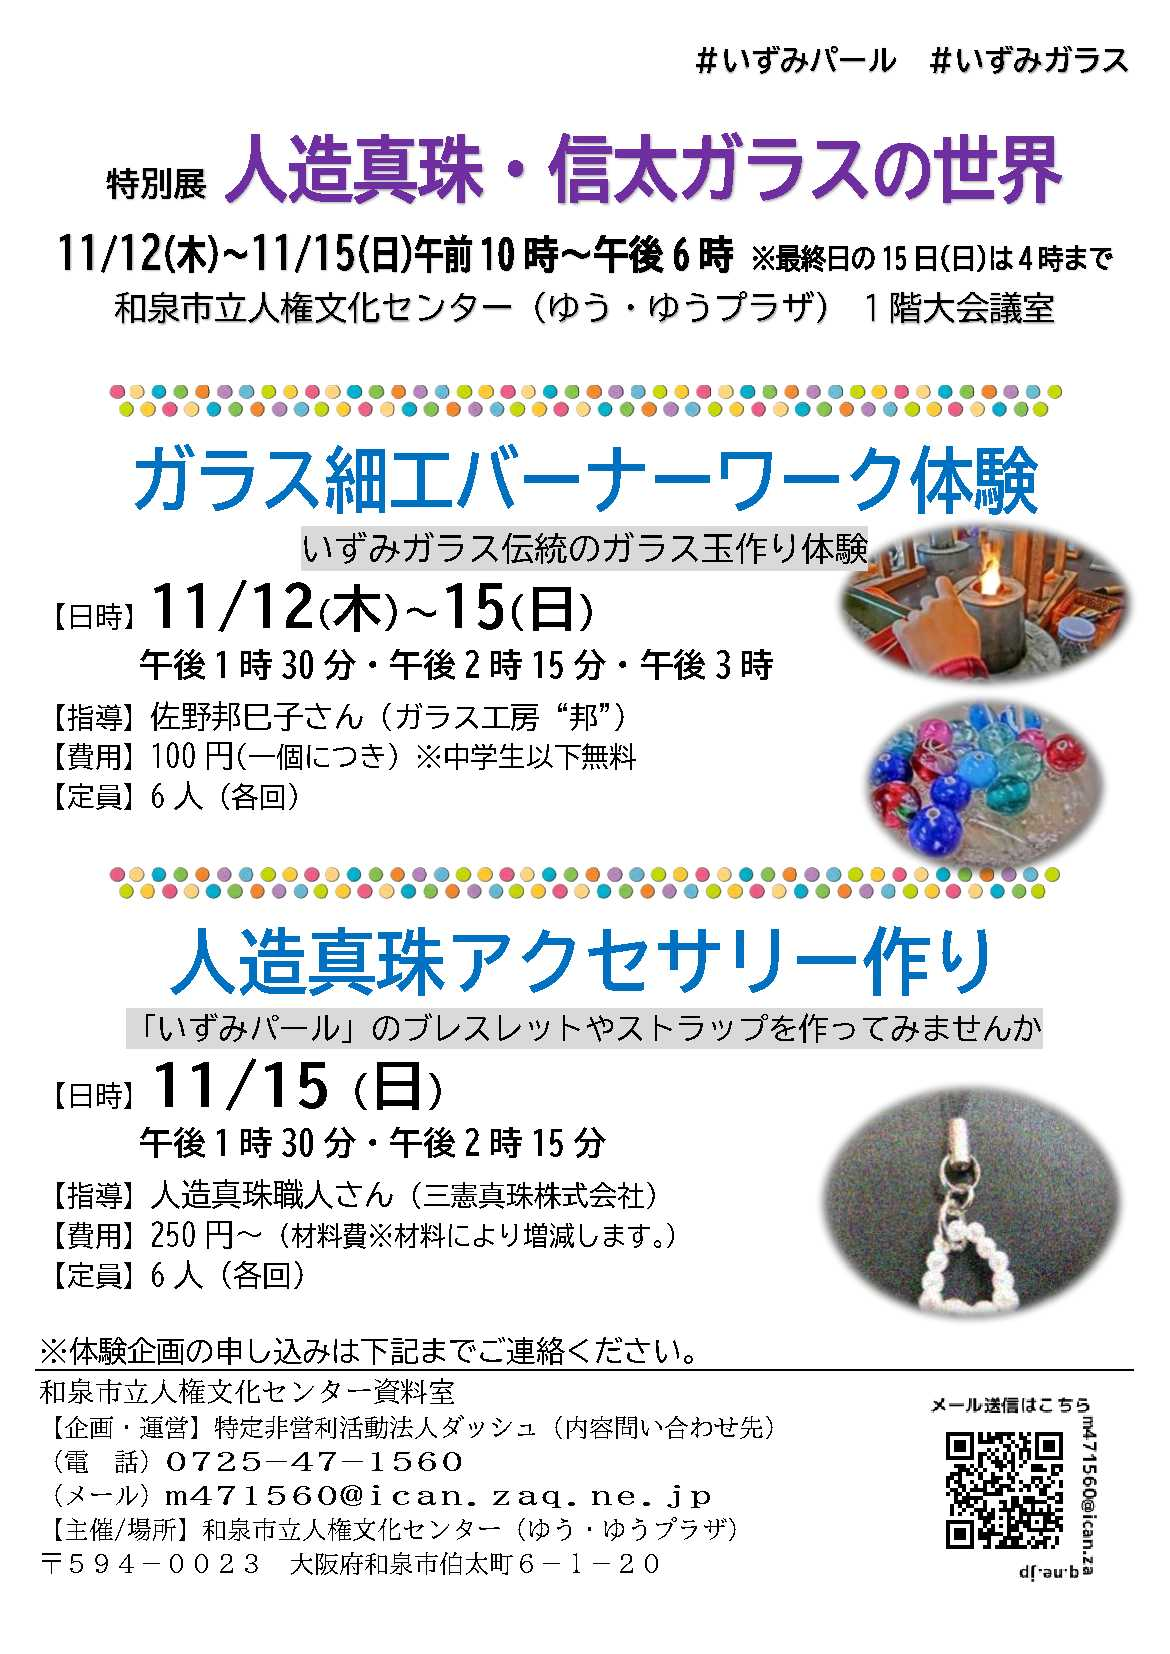 【終了】2020年11月12日(木)~15日(日)特別展 人造真珠・信太ガラスの世界